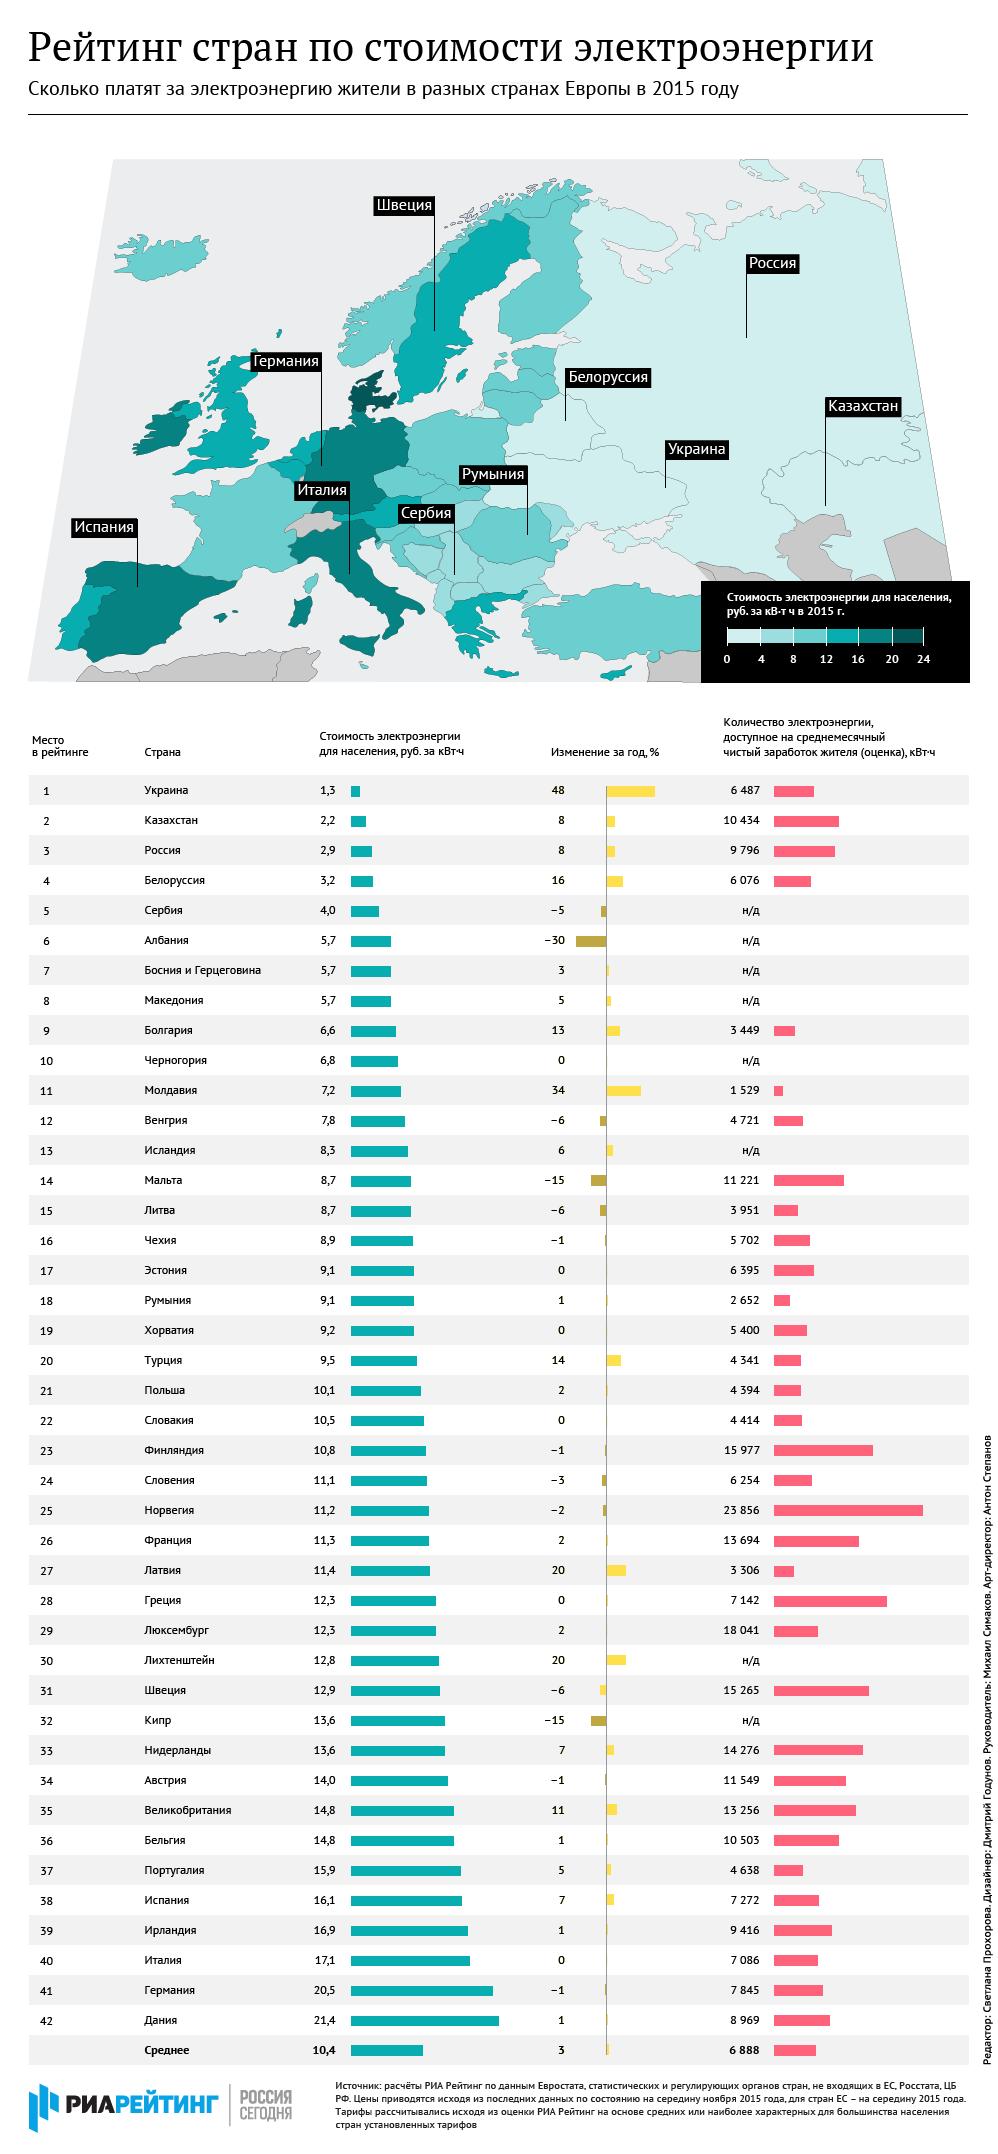 Рейтинг стран по стоимости электроэнергии